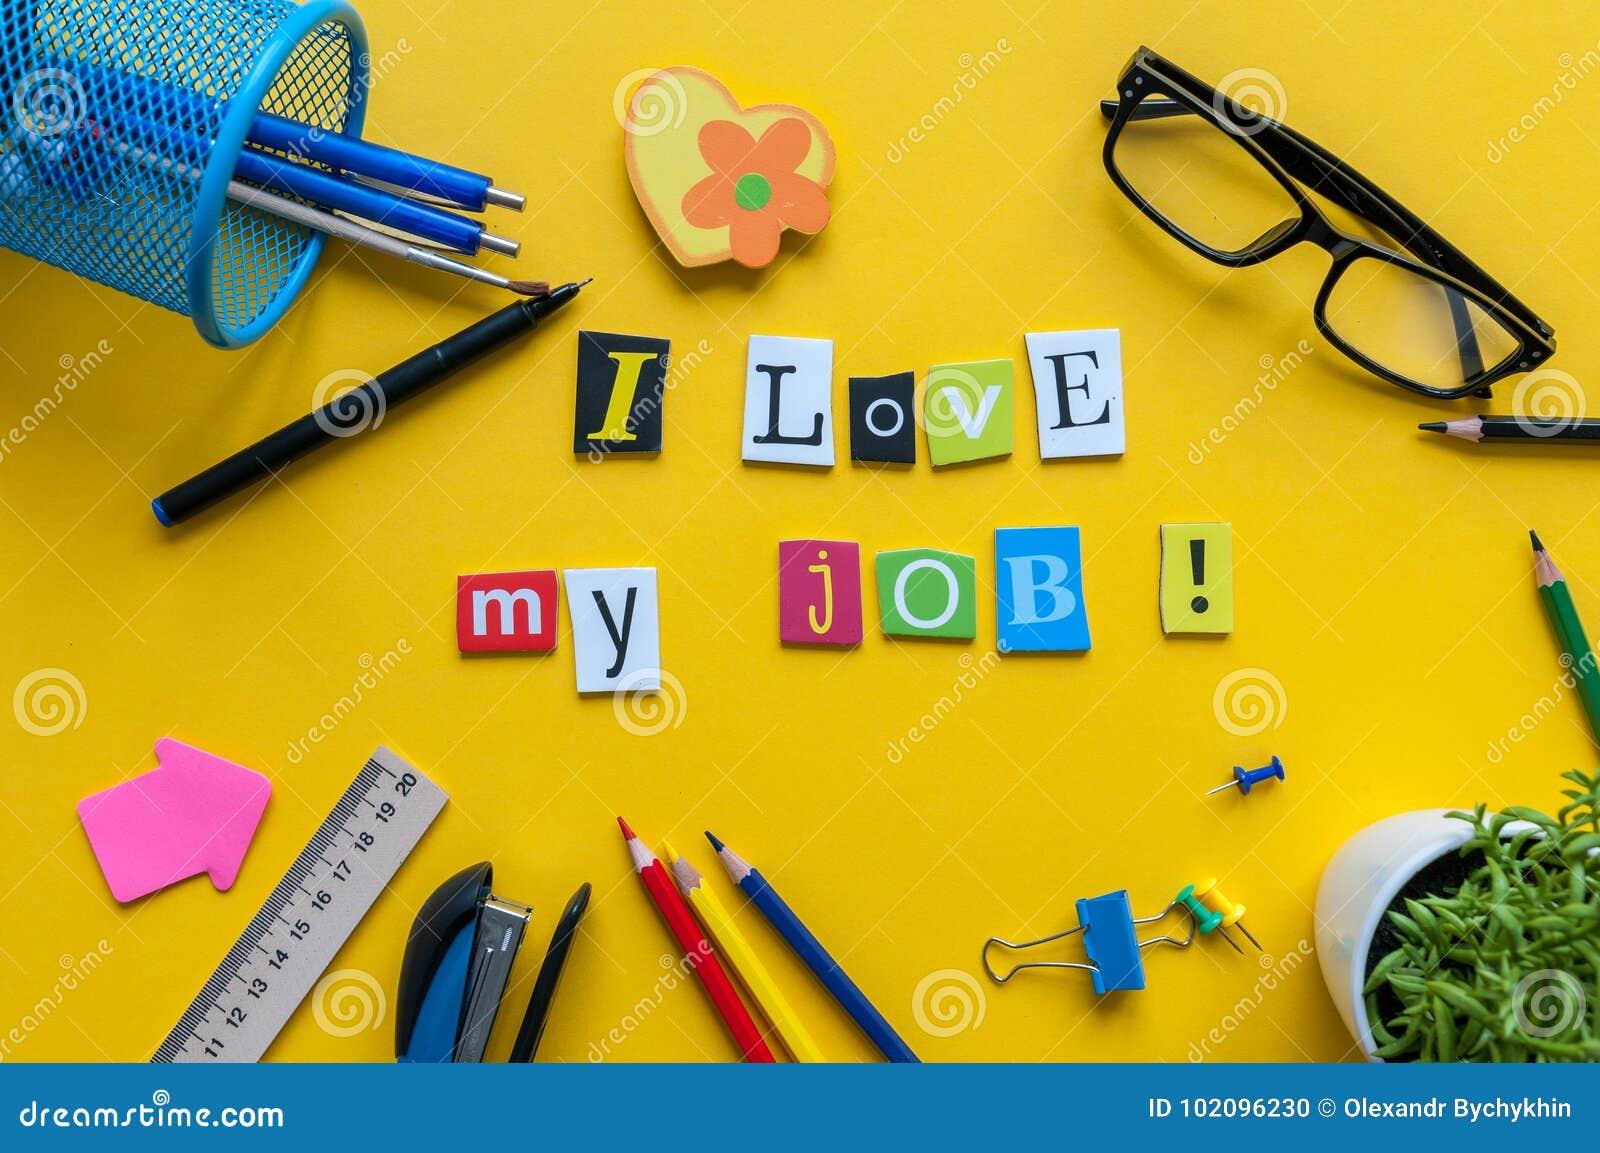 Amo mi palabra del trabajo escrita por las letras talladas en espacio de trabajo casero amarillo con los materiales de oficina